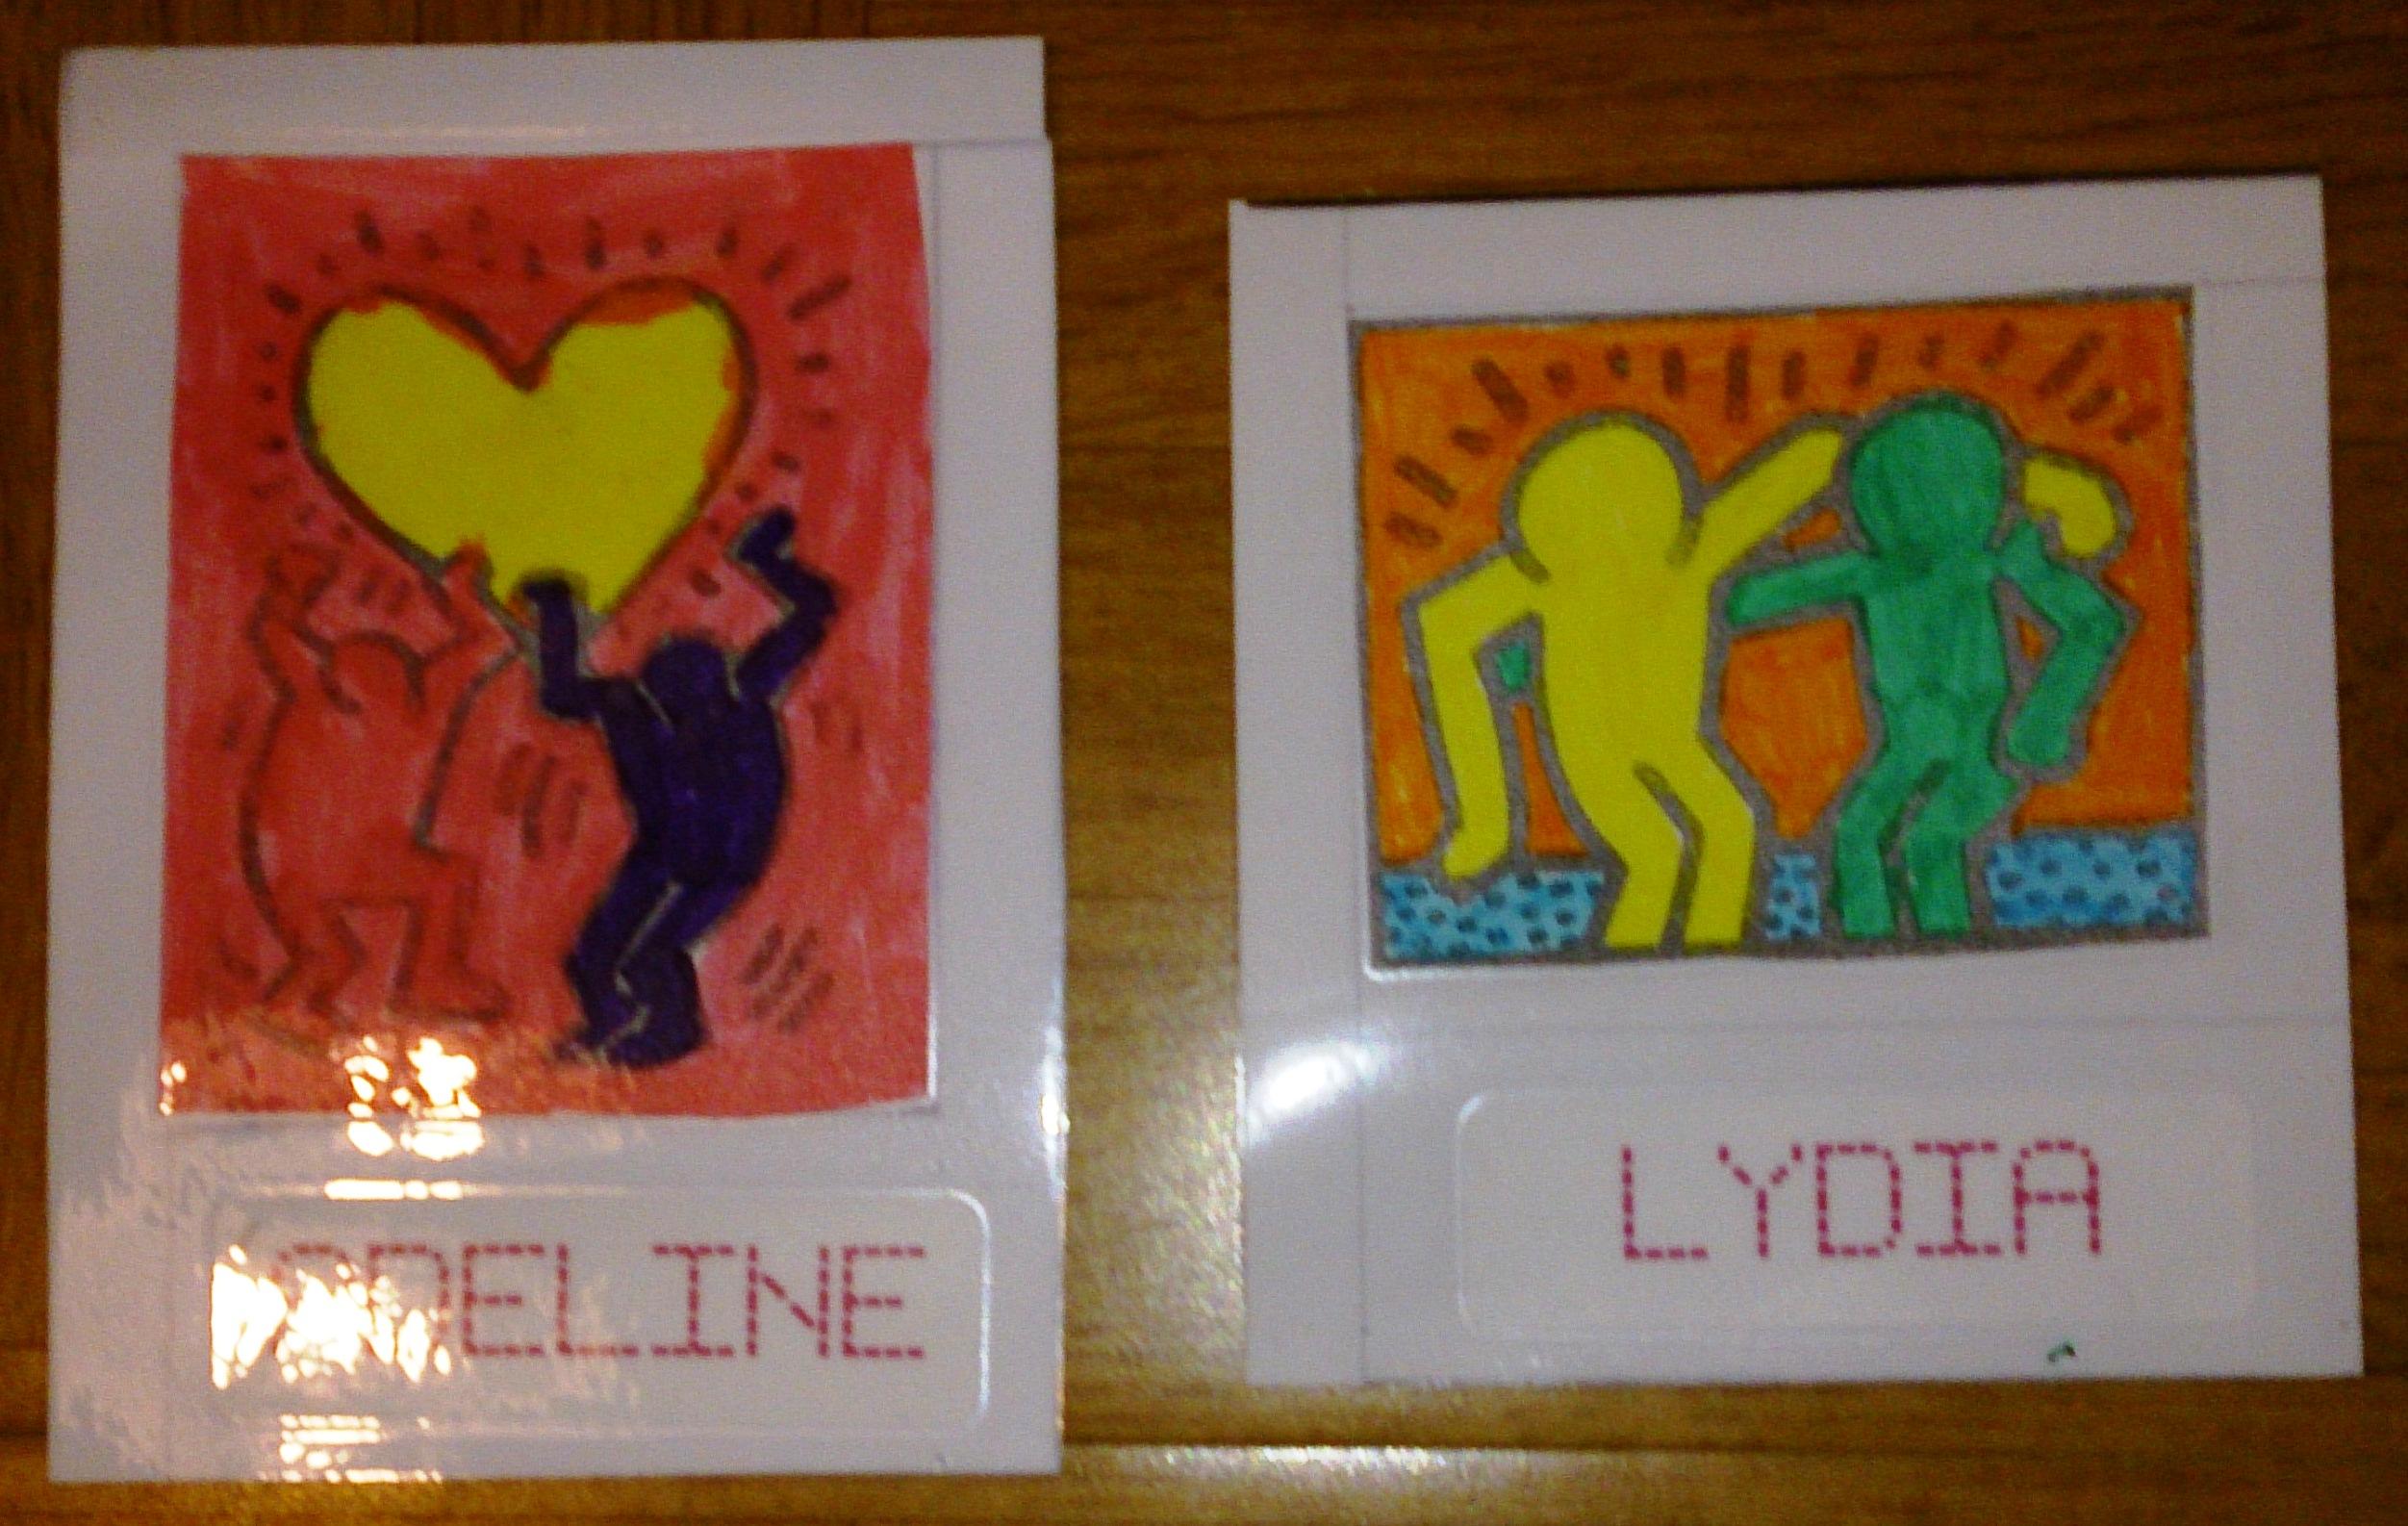 Des Etiquettes A La Maniere De Keith Haring La Classe D Elodie